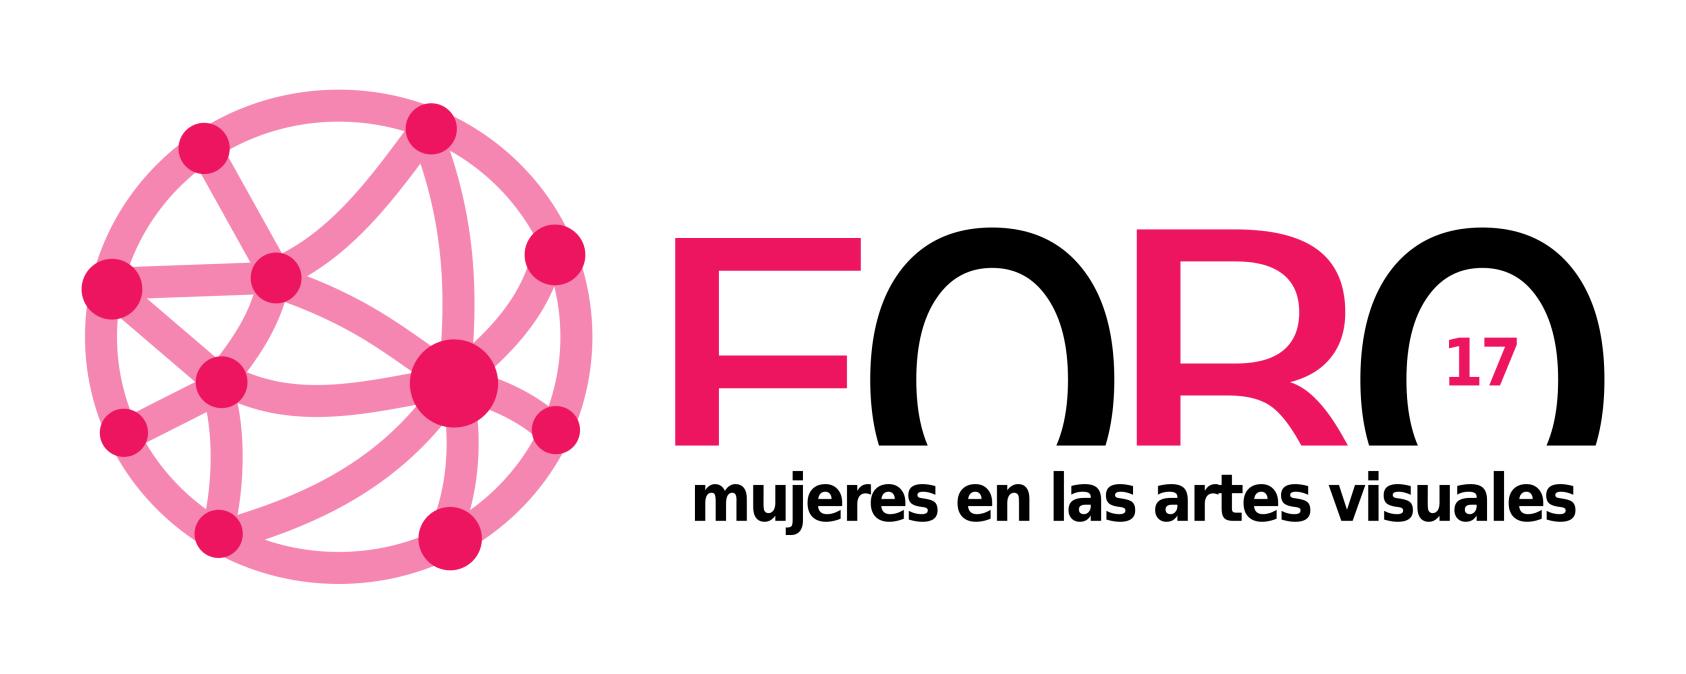 Foro MAV 2017. En Matadero Madrid, los días 17 y 18 de noviembre